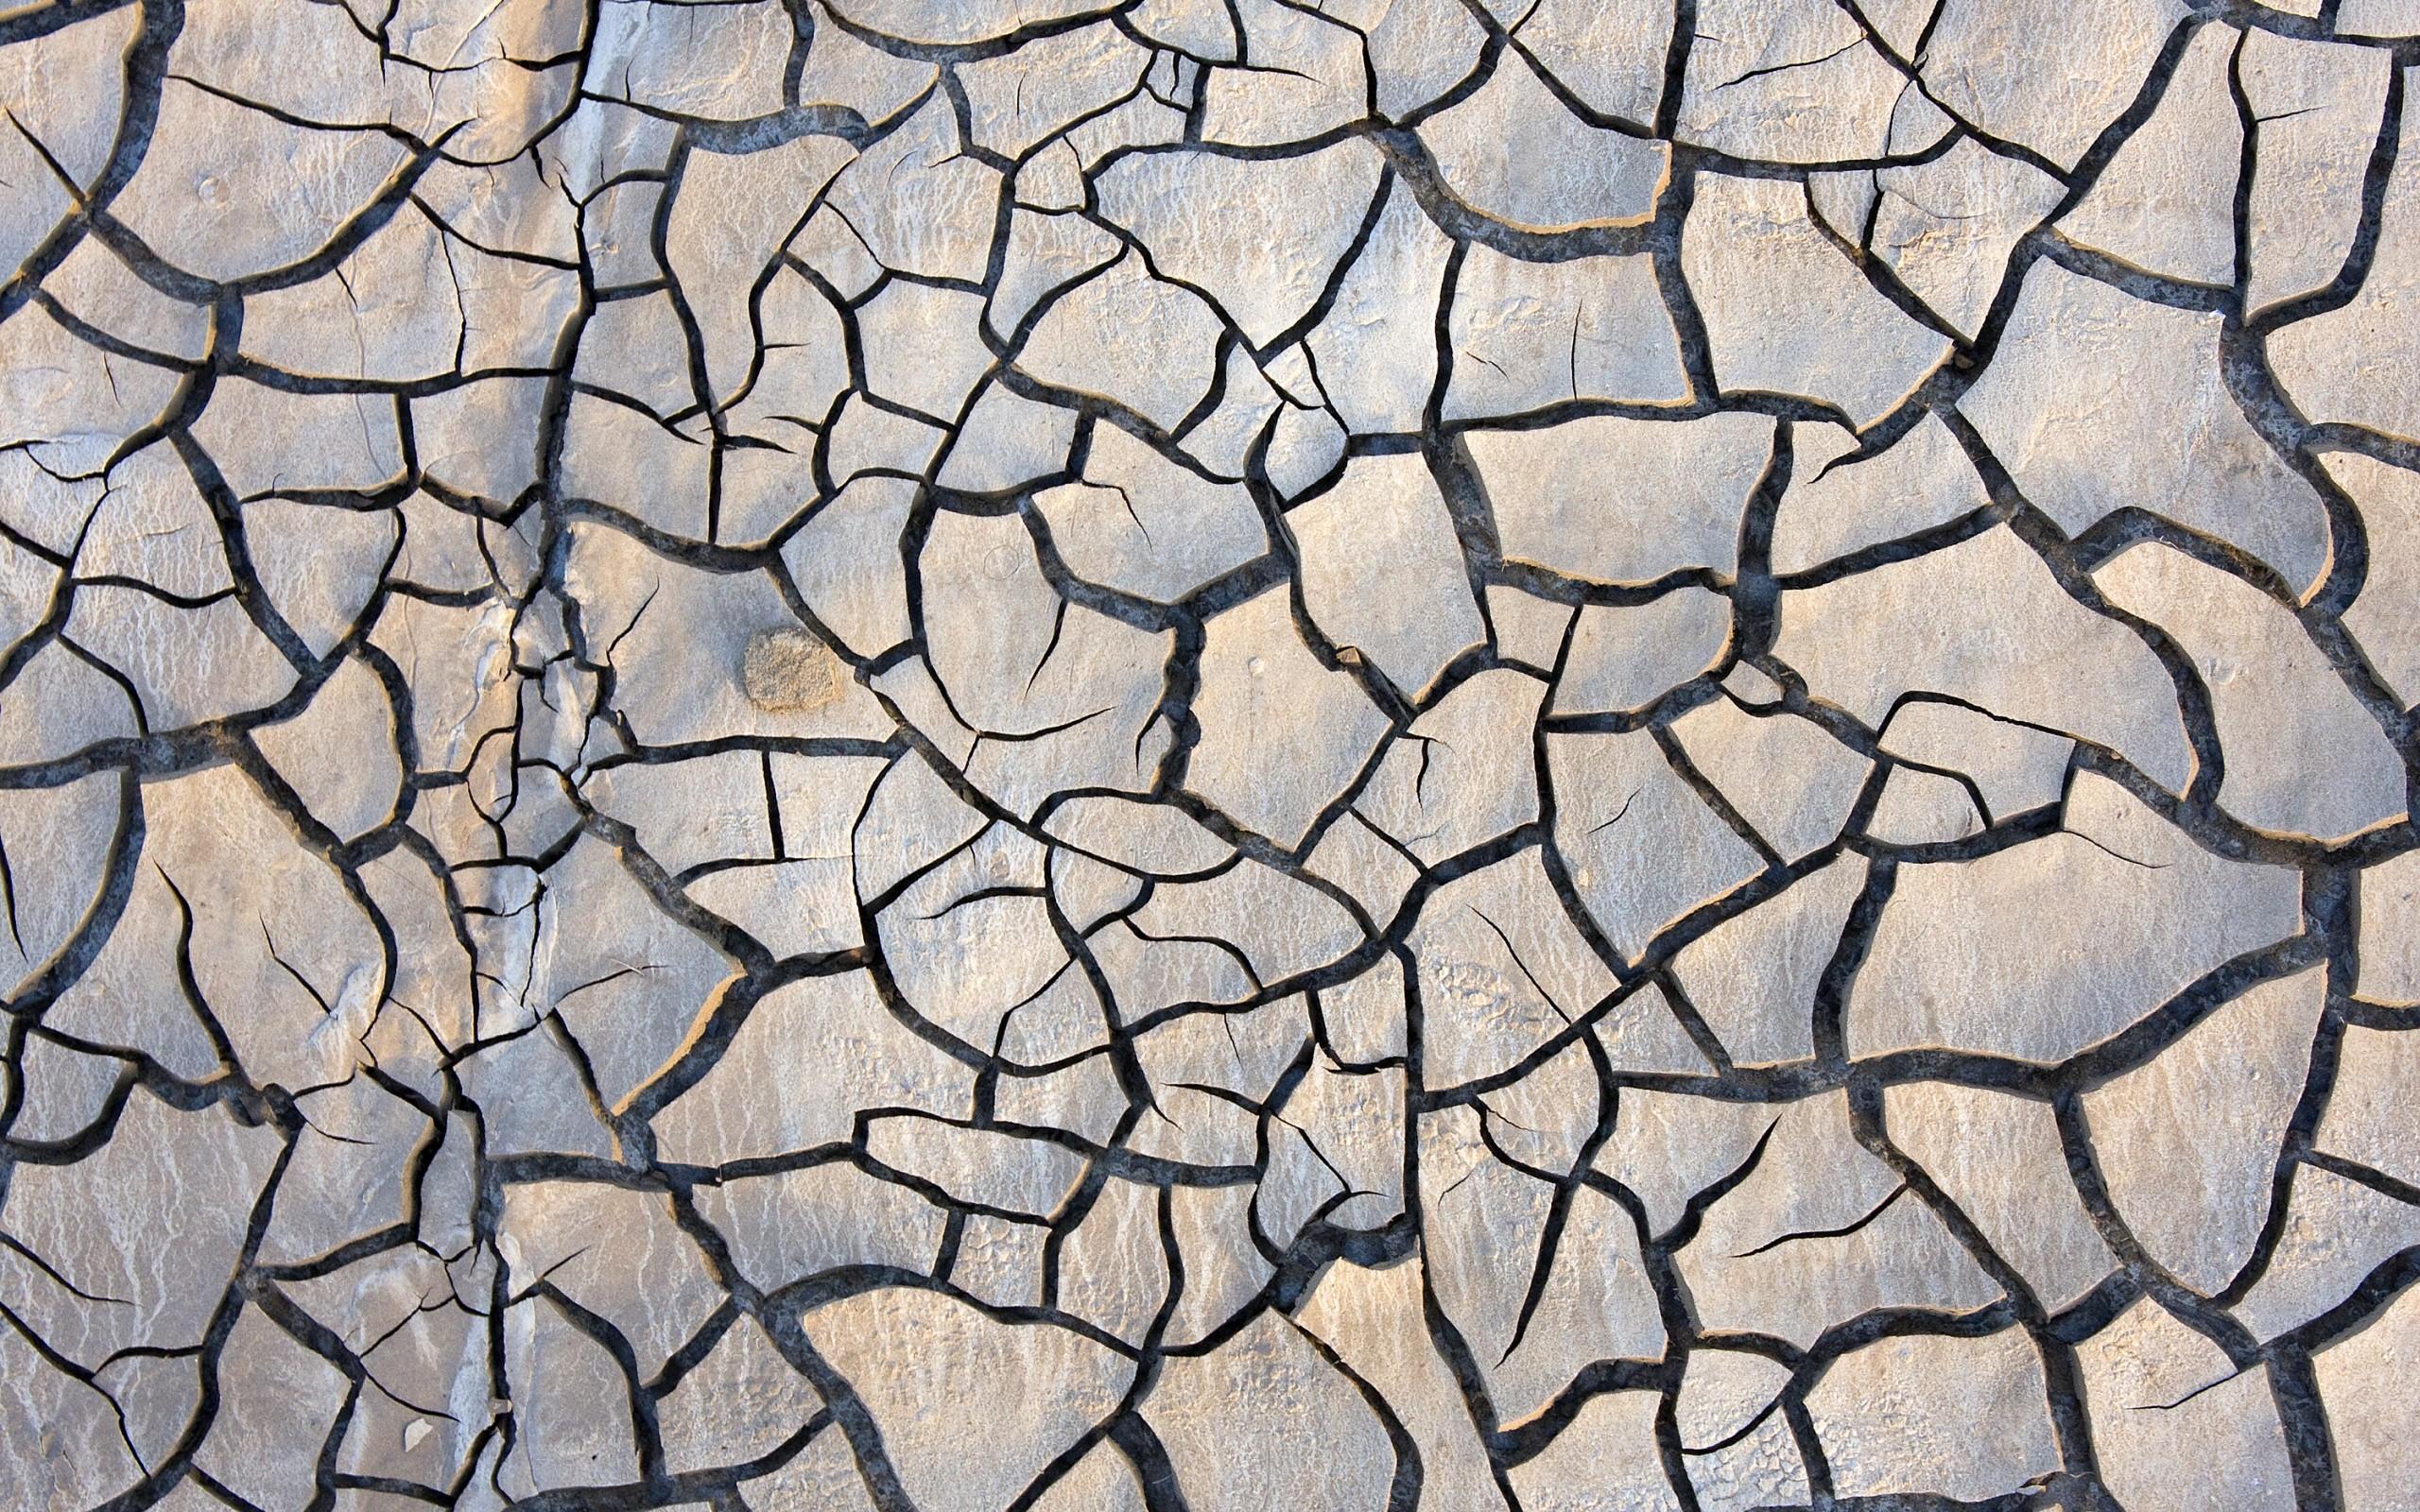 Textura de rocas - 2560x1600